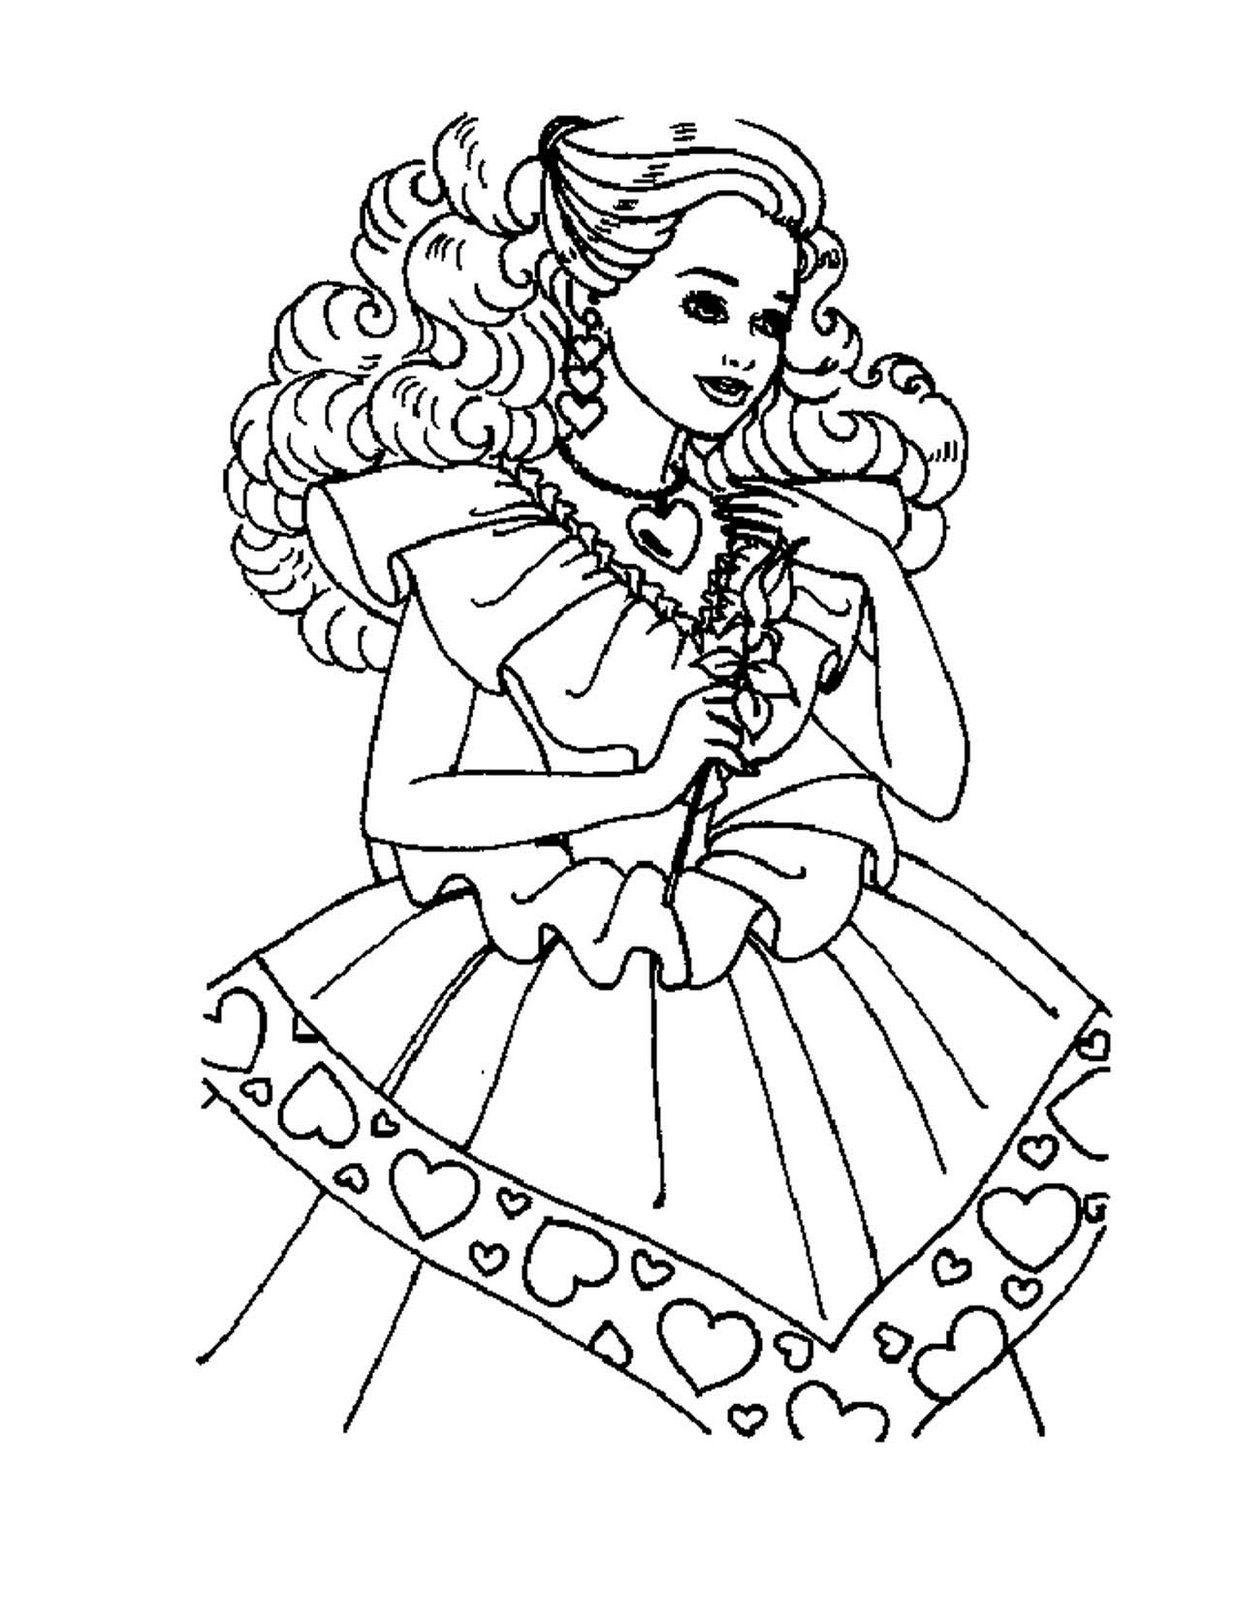 disney barbie mermaid coloring pages - photo#17